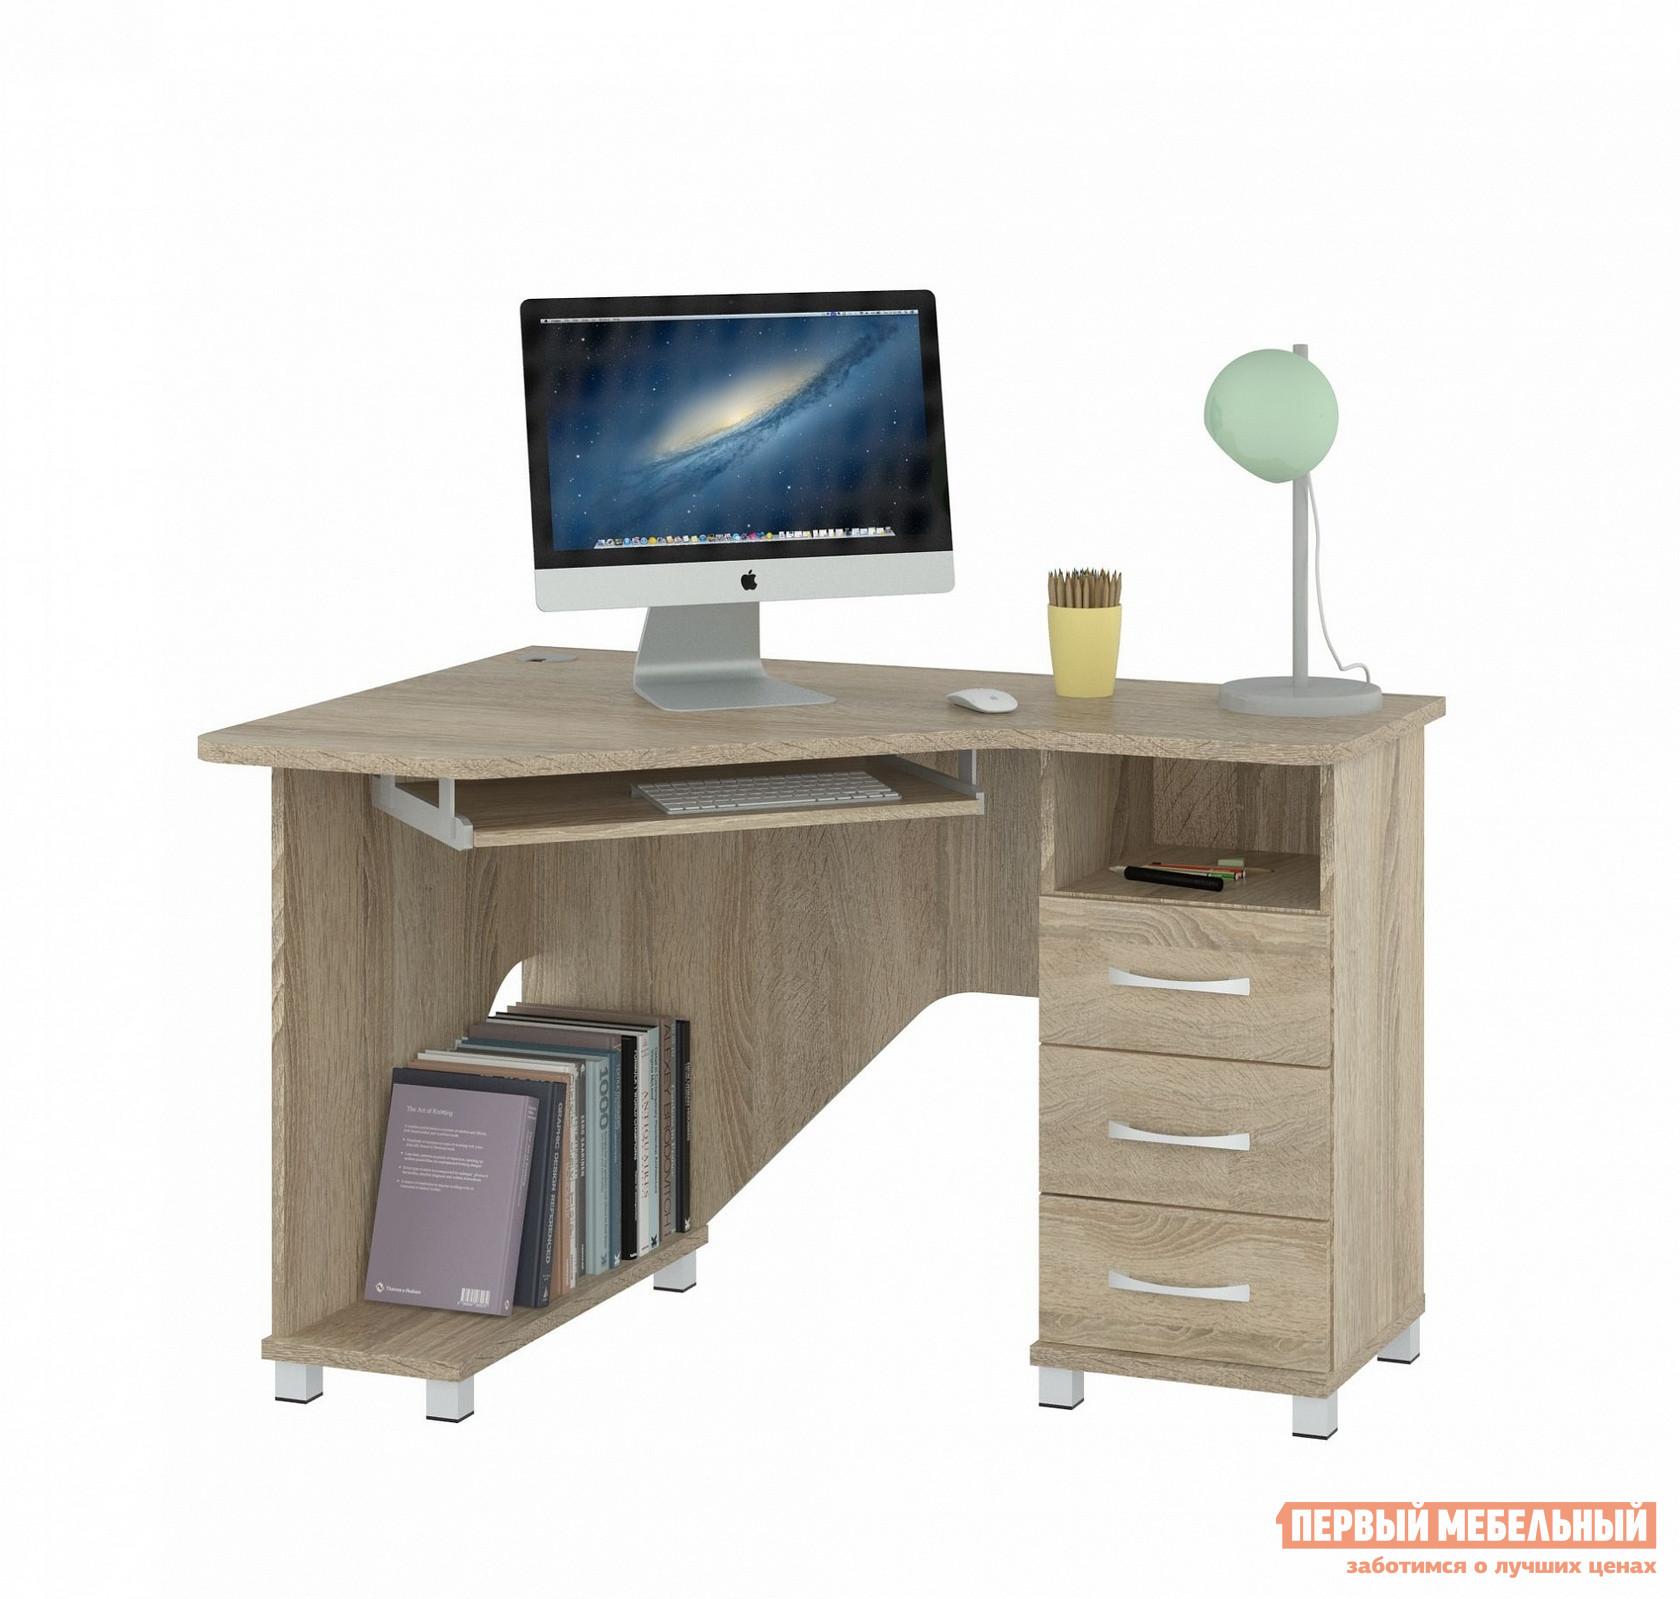 Угловой компьютерный стол ВасКо КС 20-27 м1 стол компьютерный васко кс 20 30 м1 дуб молочный